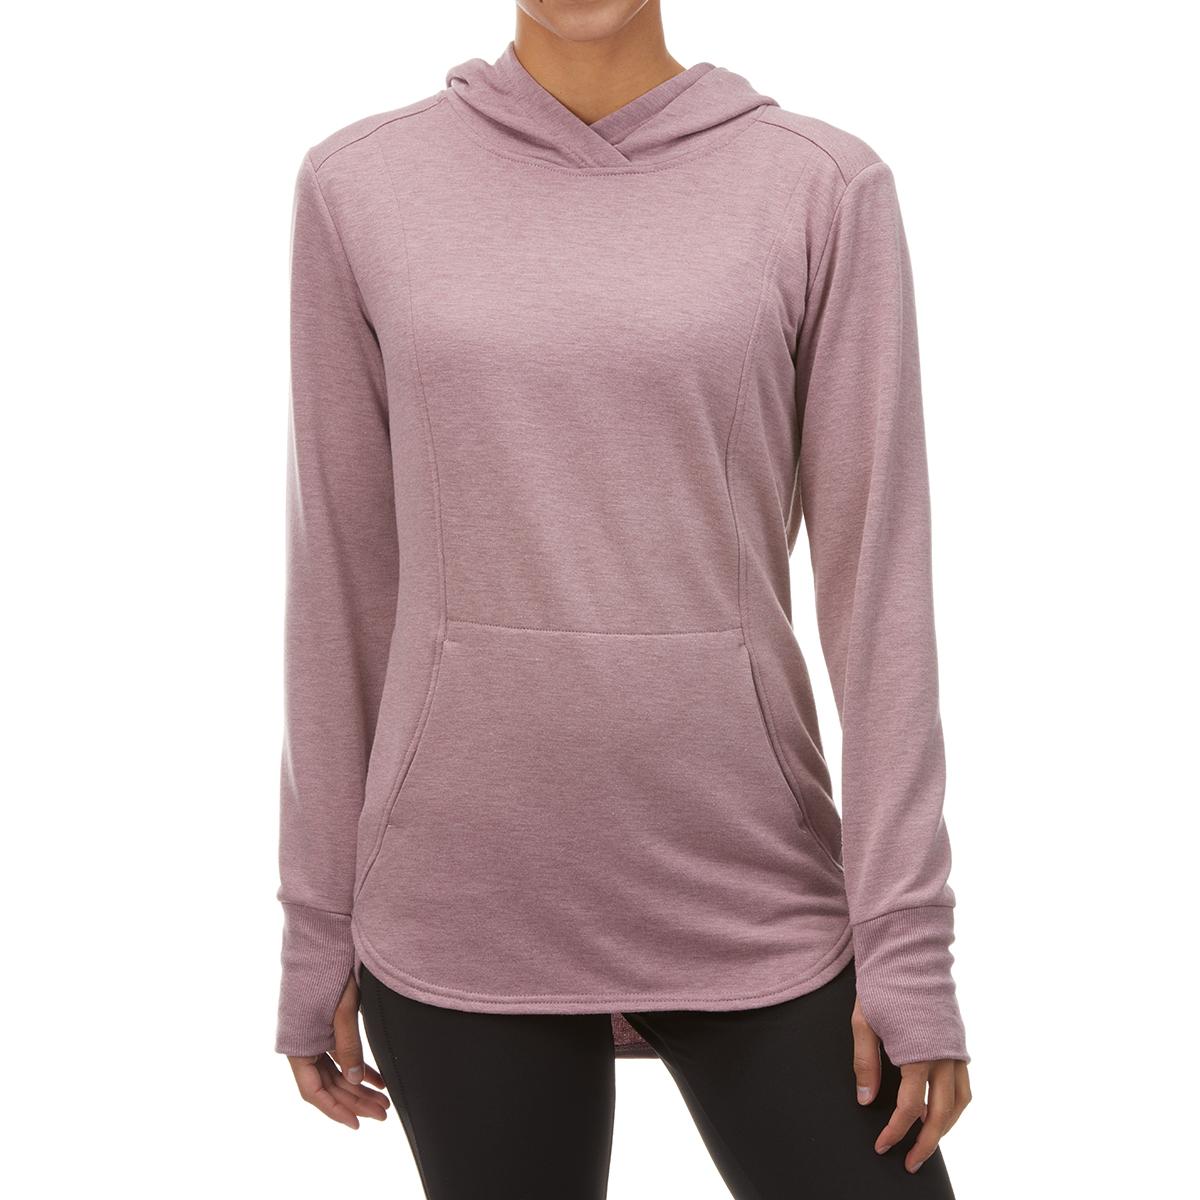 RBX Women's Long-Sleeve Fleece Hooded Tunic - Red, L